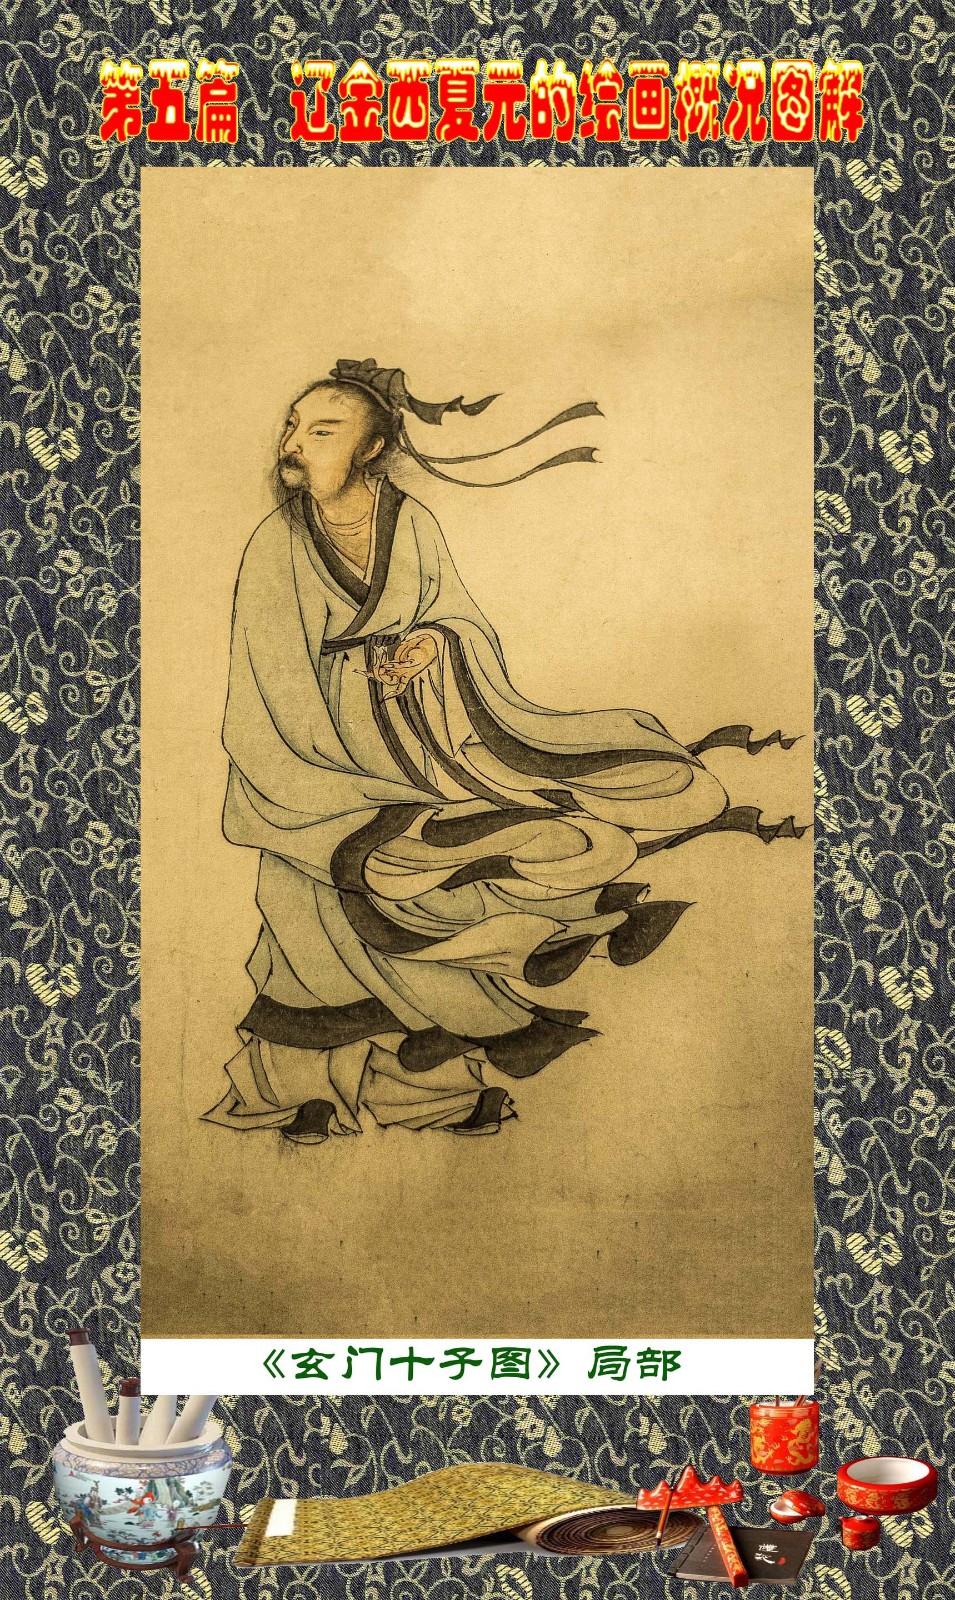 顾绍骅编辑 中国画知识普及版 第五篇 辽金西夏元的绘画概况 下 ... ..._图1-84